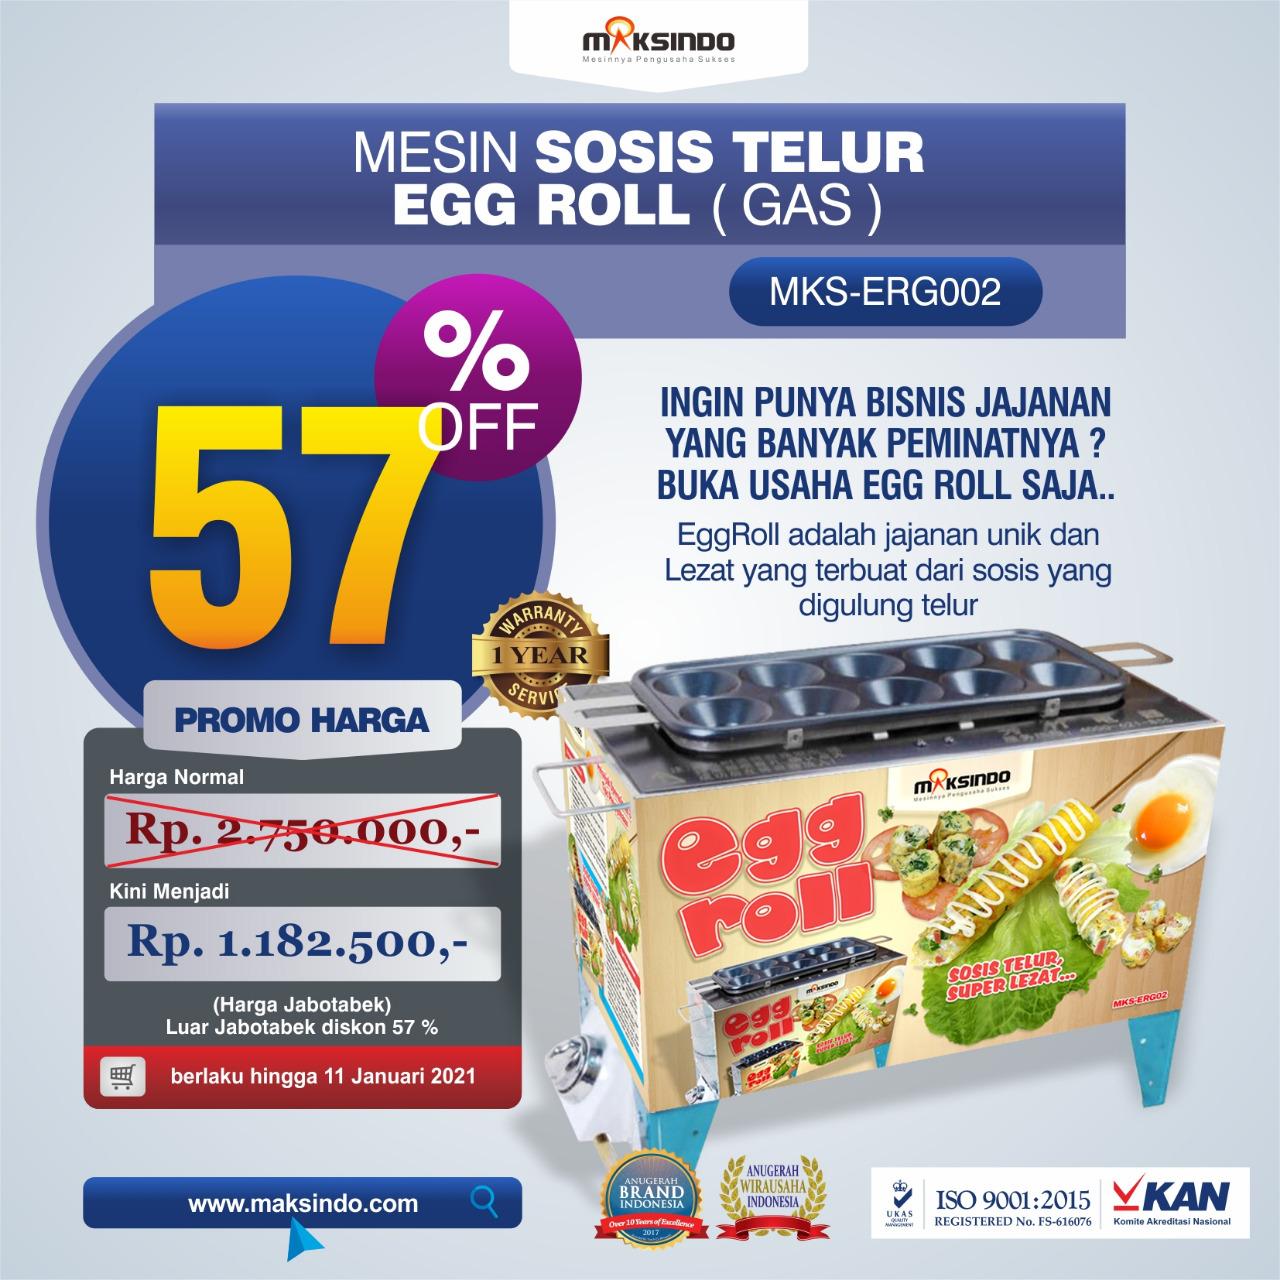 Jual Mesin Pembuat Egg Roll (Gas) MKS-ERG002 di Semarang